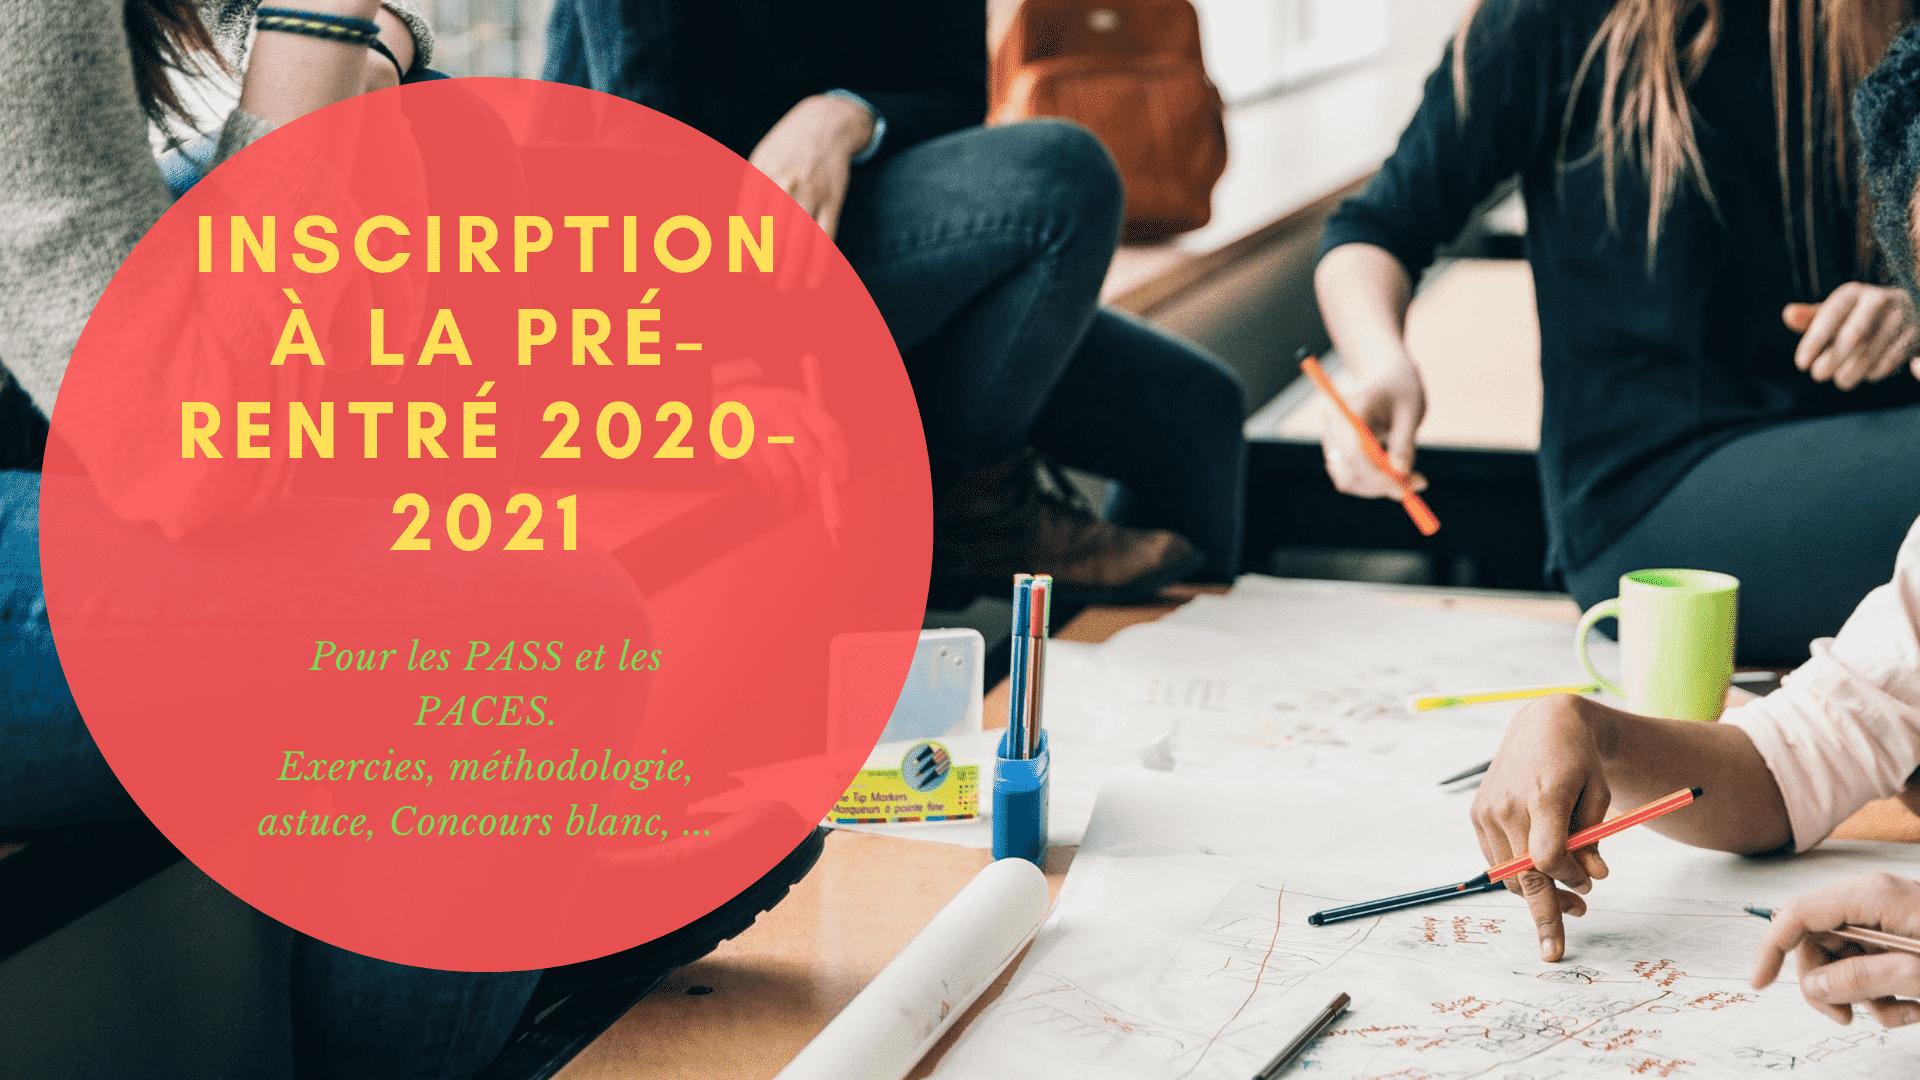 Inscription à la Pré-rentrée 2020-2021